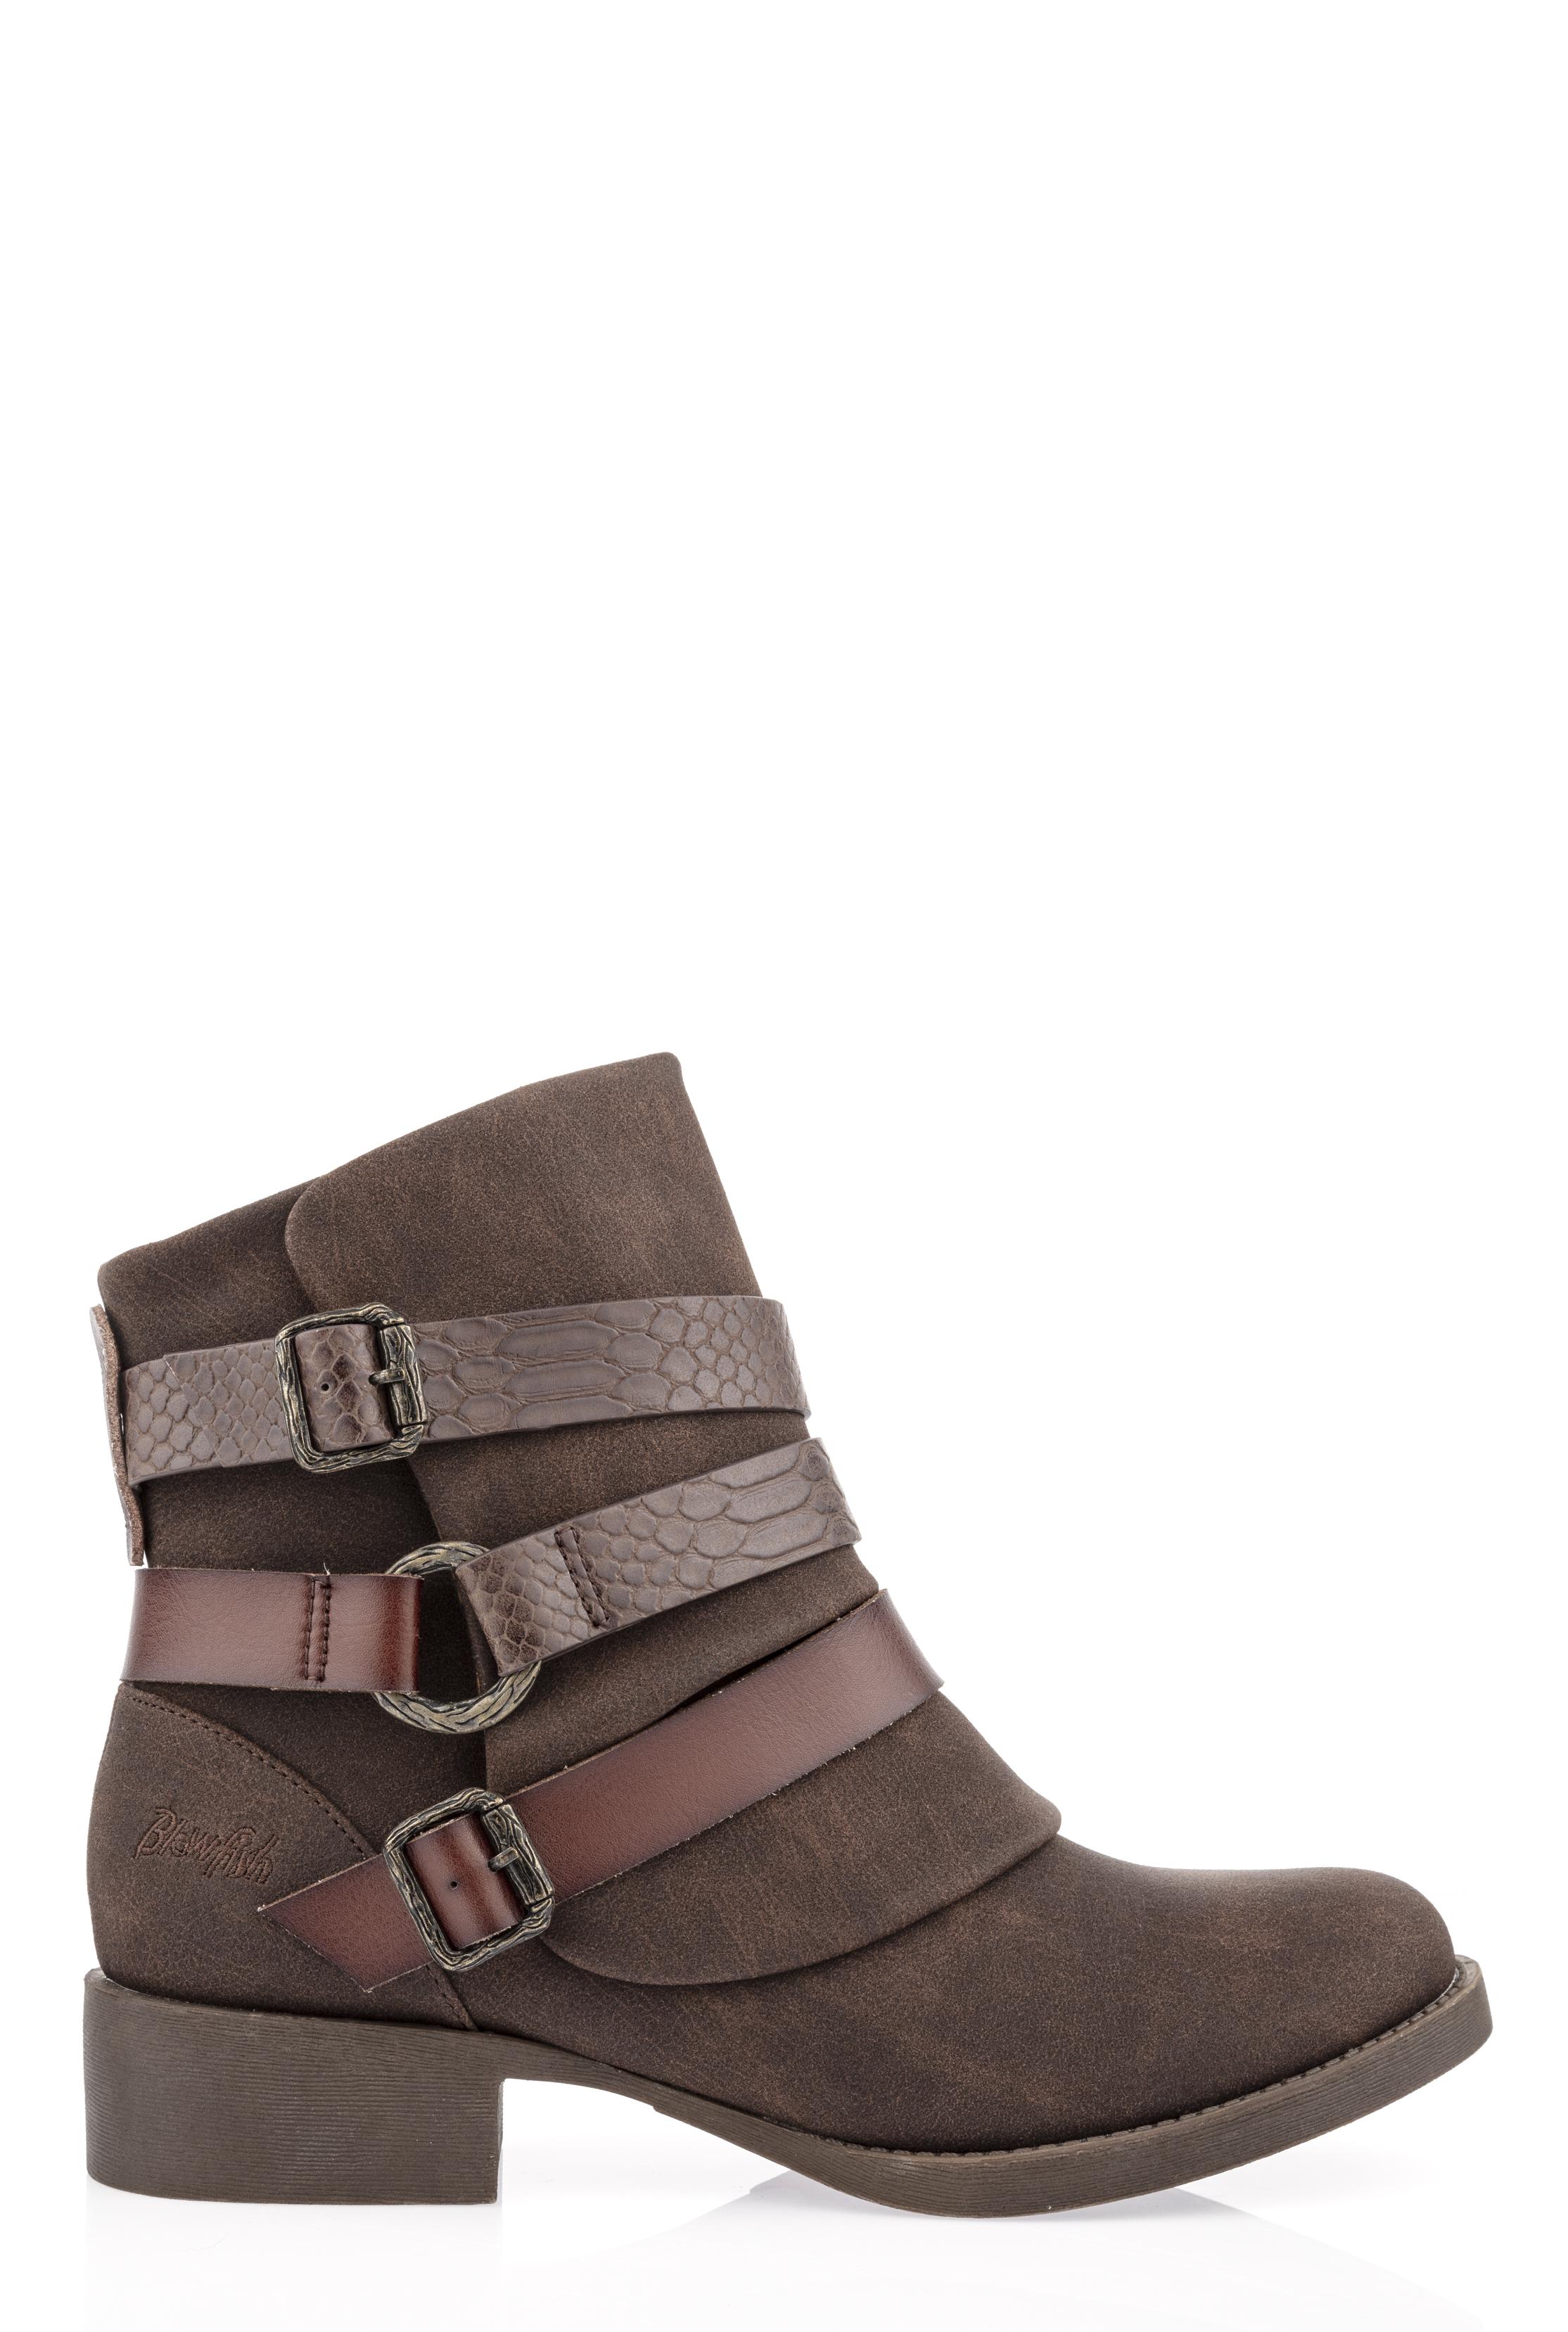 Brown Blowfish Kado Ankle Boots